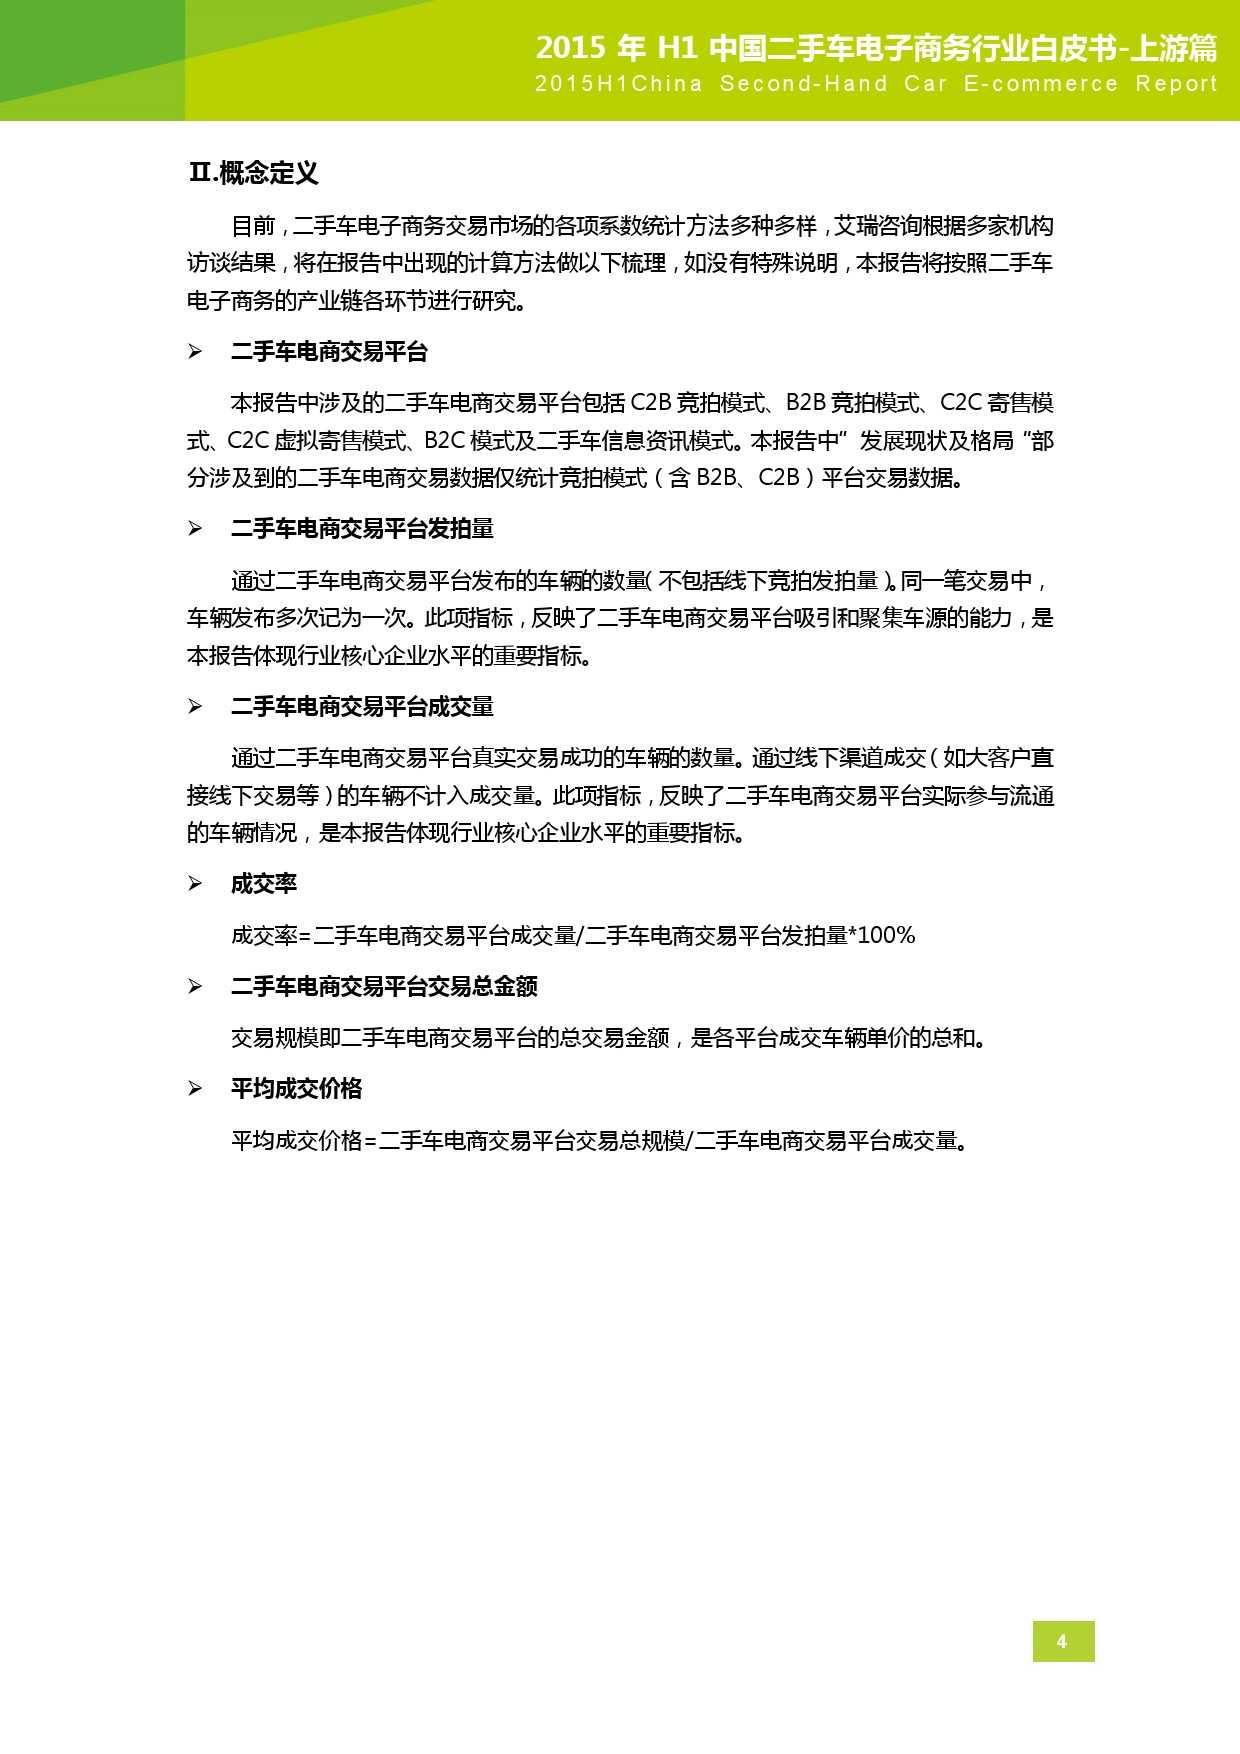 2015年中国二手车电子商务行业白皮书-上游篇_000005